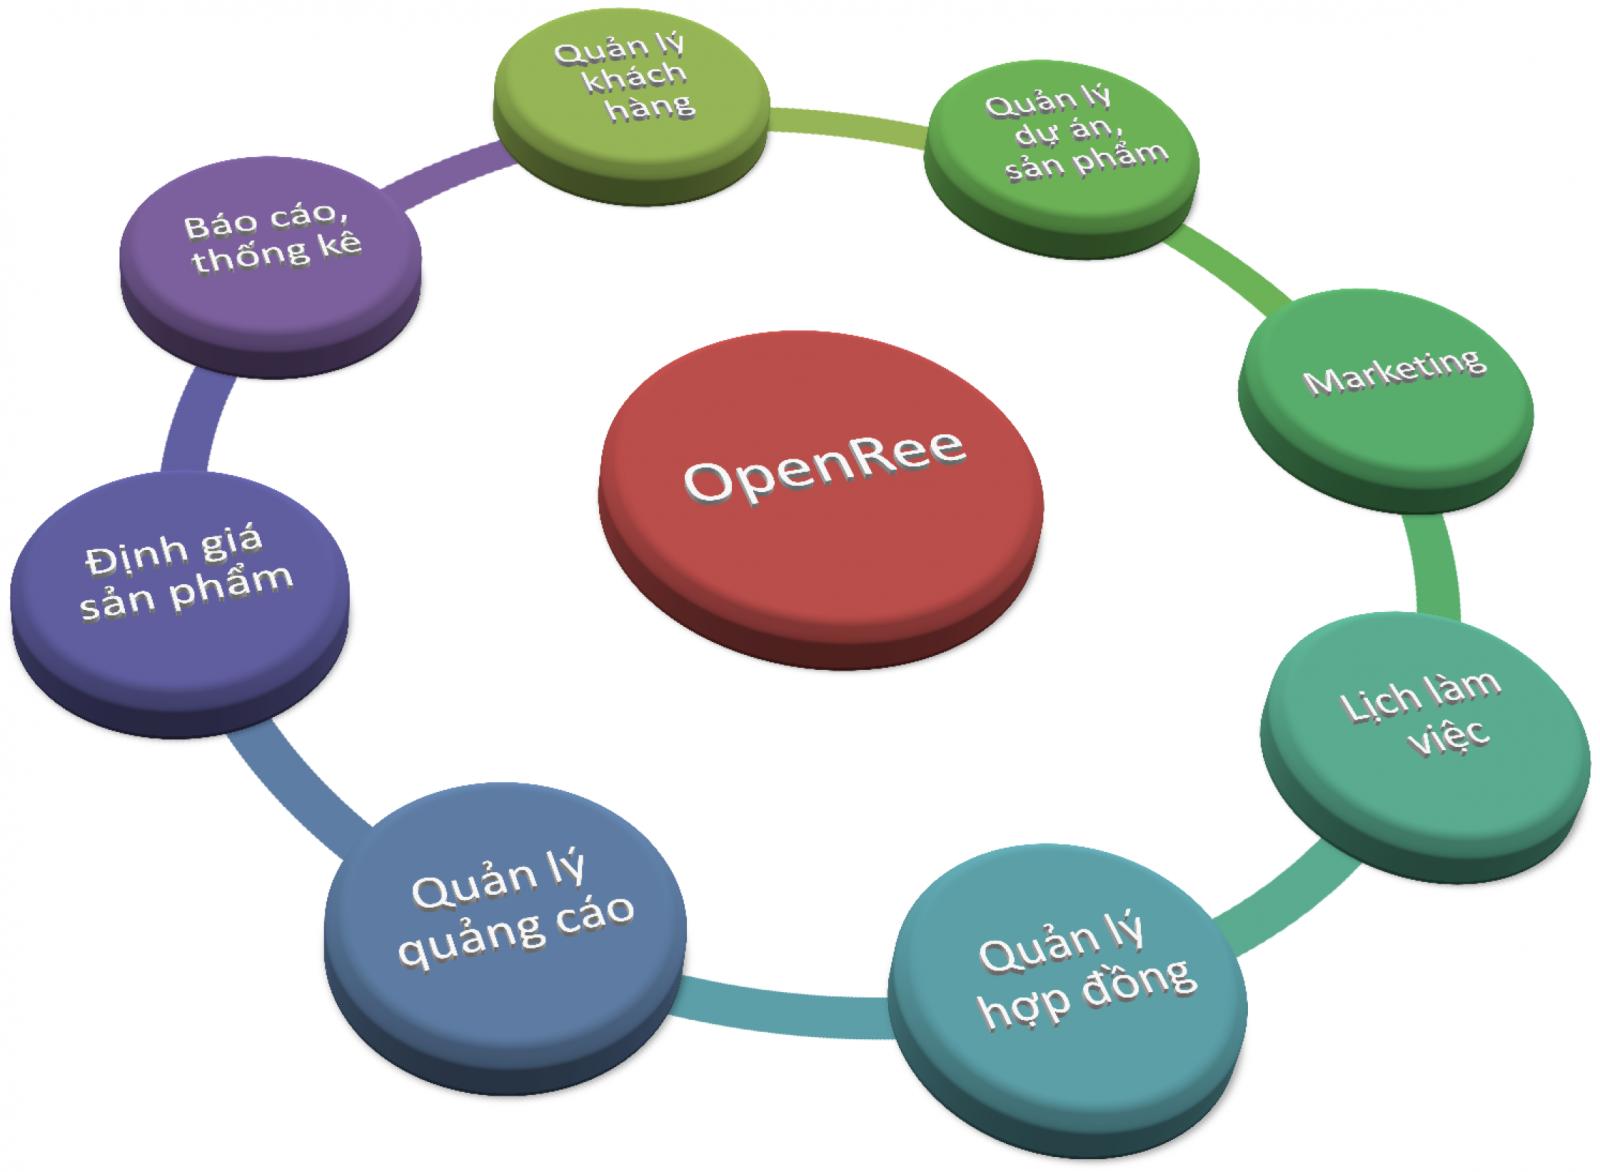 Quản lý kinh doanh bất động sản bằng phần mềm - Cánh tay đắc lực của nhân viên môi giới bất động sản